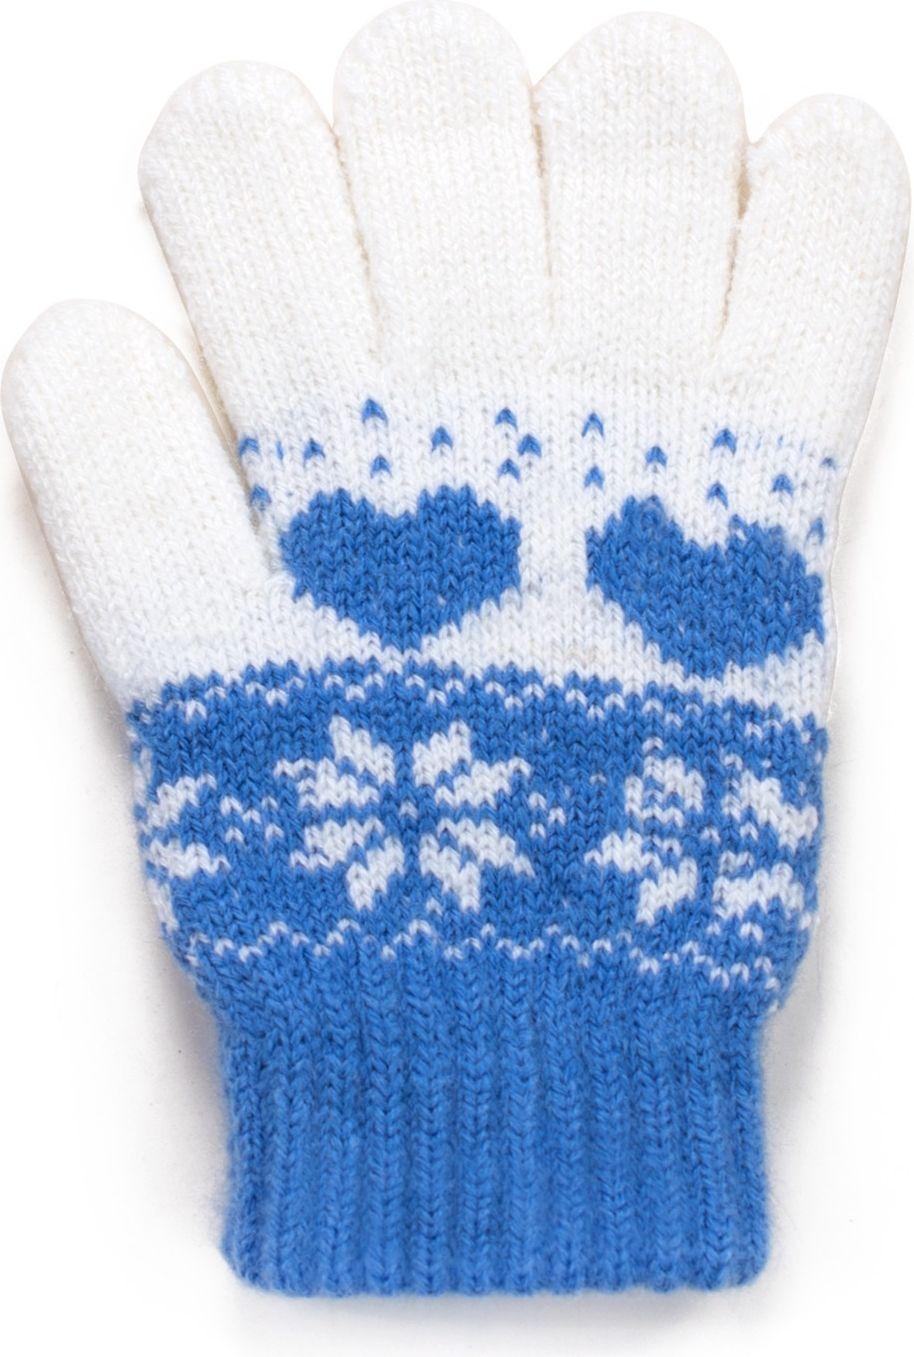 Art of Polo Rekawiczki dzieciece Zimowe wzorki niebieskie (rk17560) rk17560-1